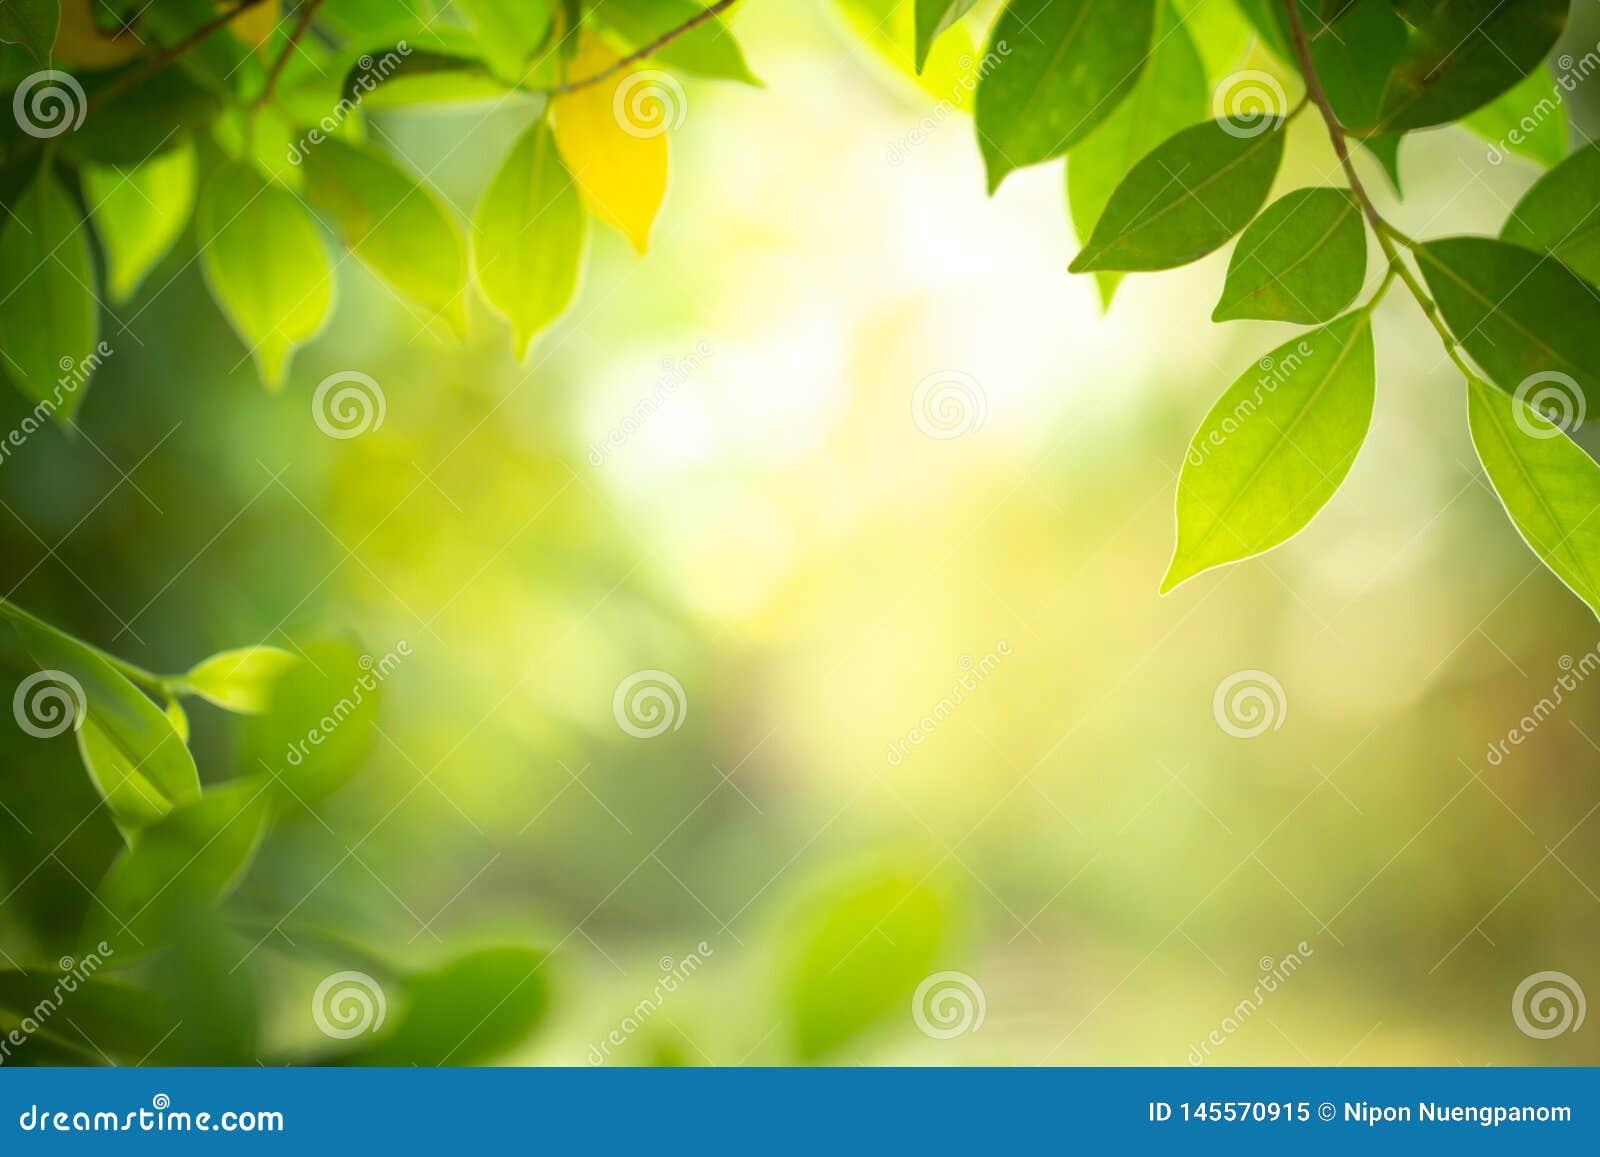 Zbliżenie natury widok zielony liść na zamazanym tle